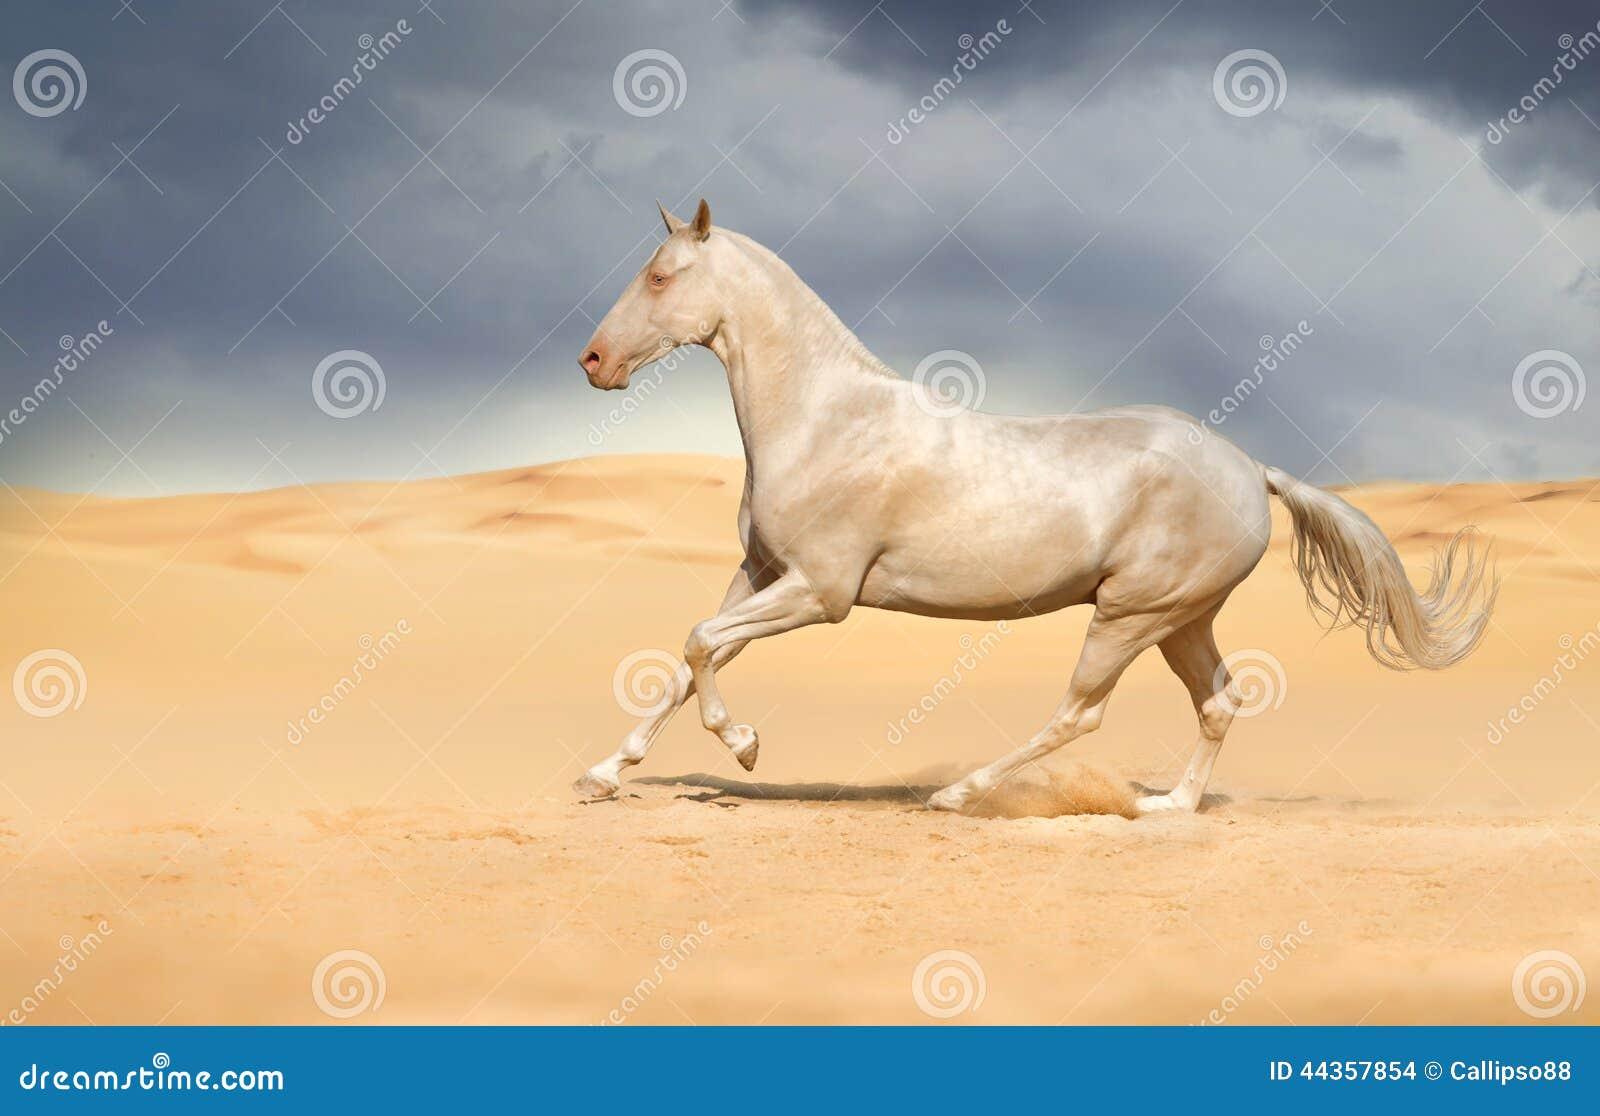 Achal-teke horse run gallop